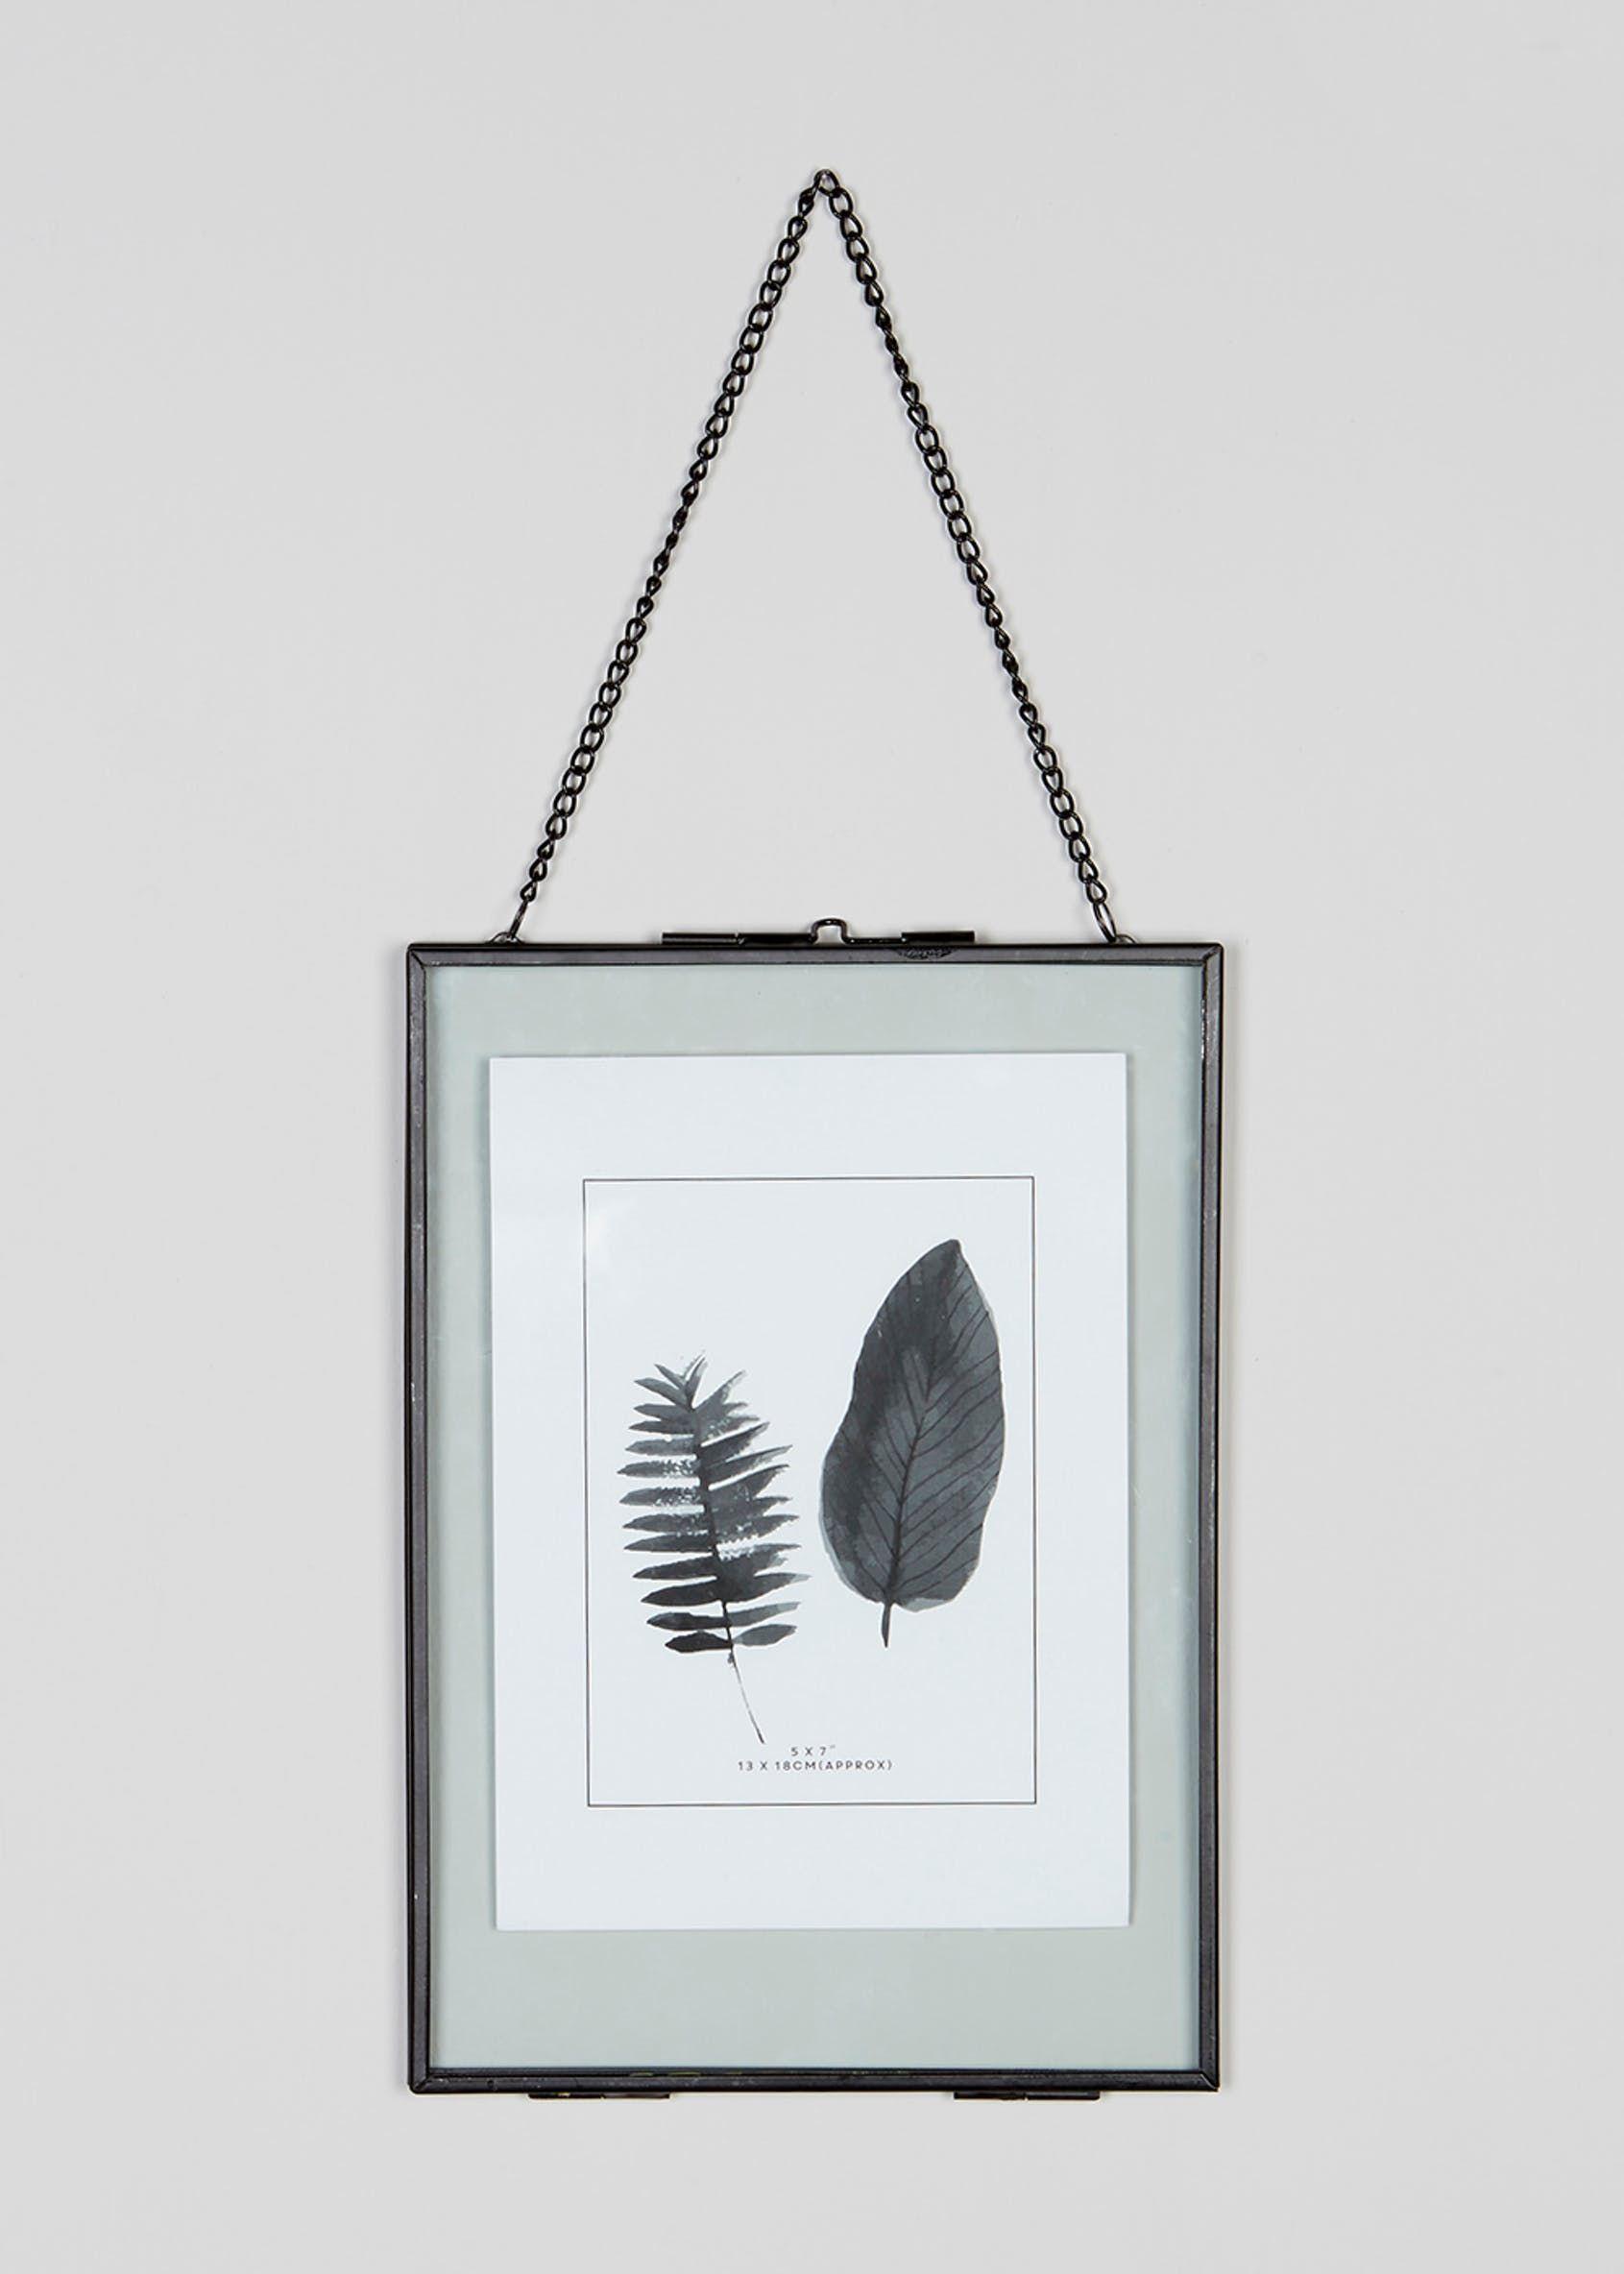 88e165da570 Medium Hanging Metal Photo Frame (24cm x 17cm)